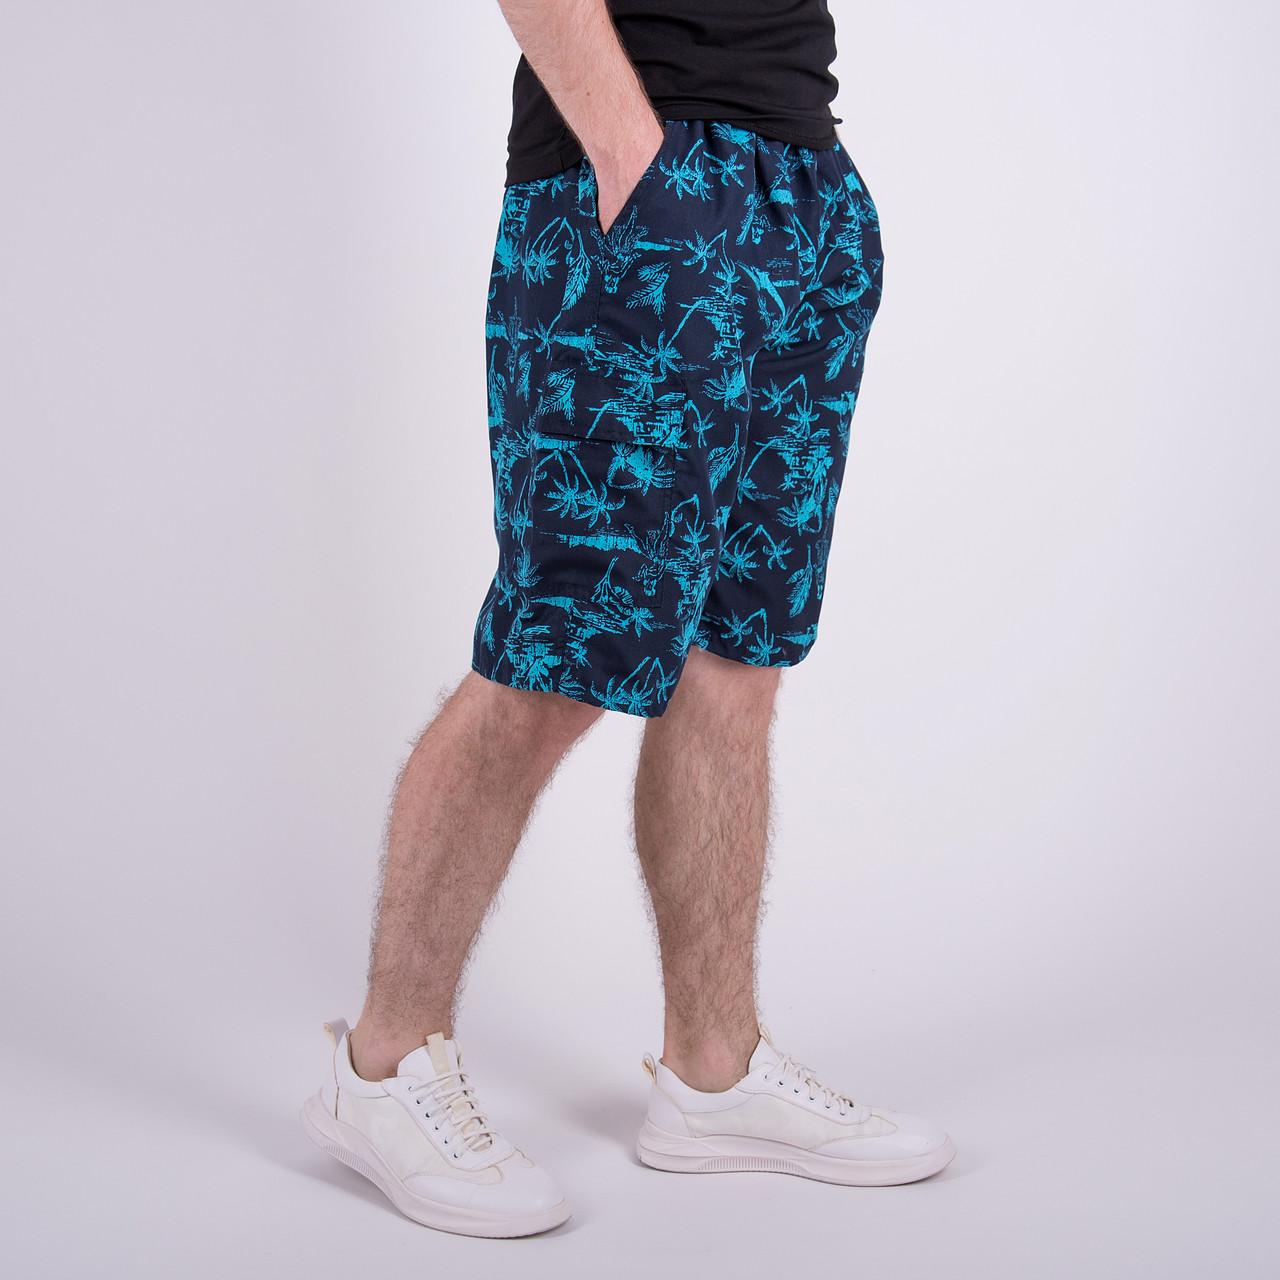 Чоловічі бриджі (плащівка), синього кольору. Напівбатал